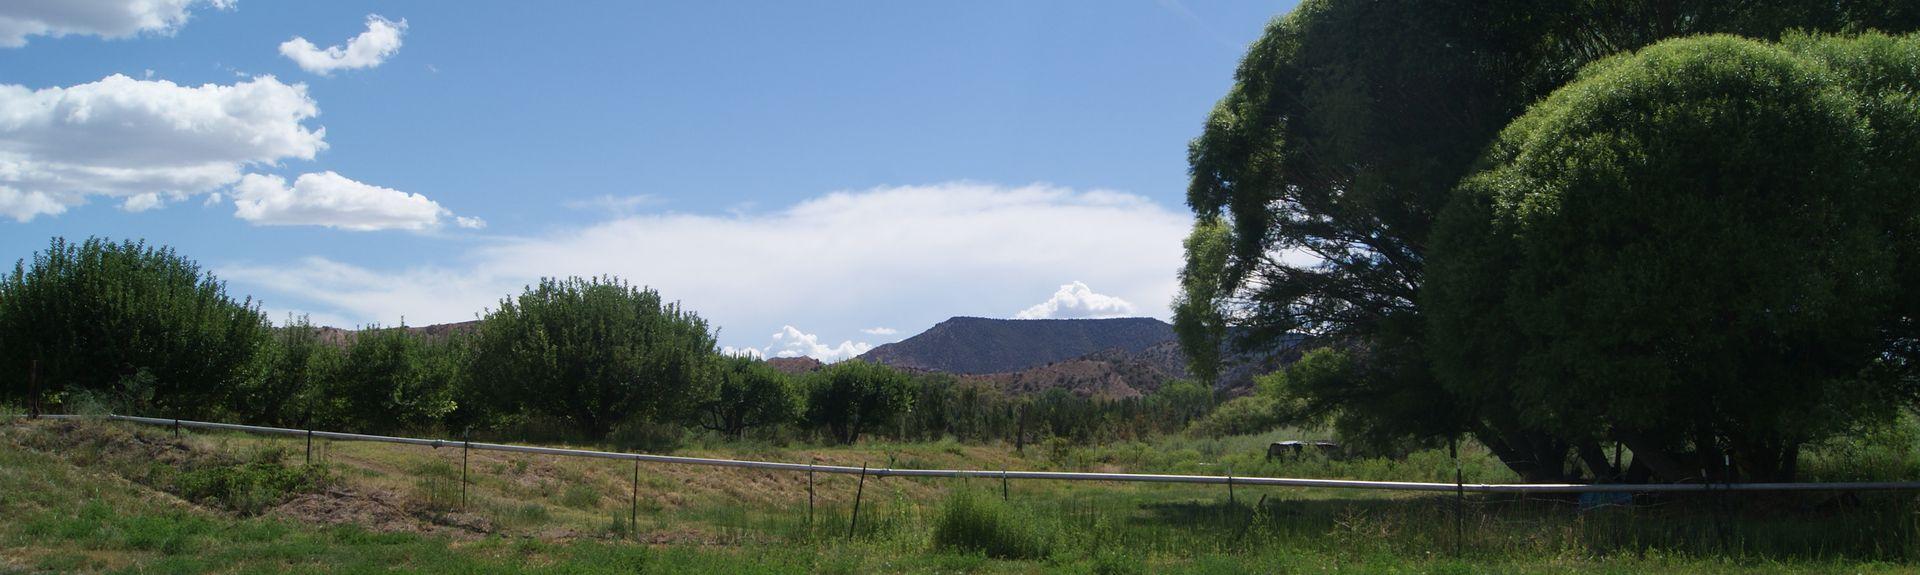 Pilar, Nouveau-Mexique, États-Unis d'Amérique